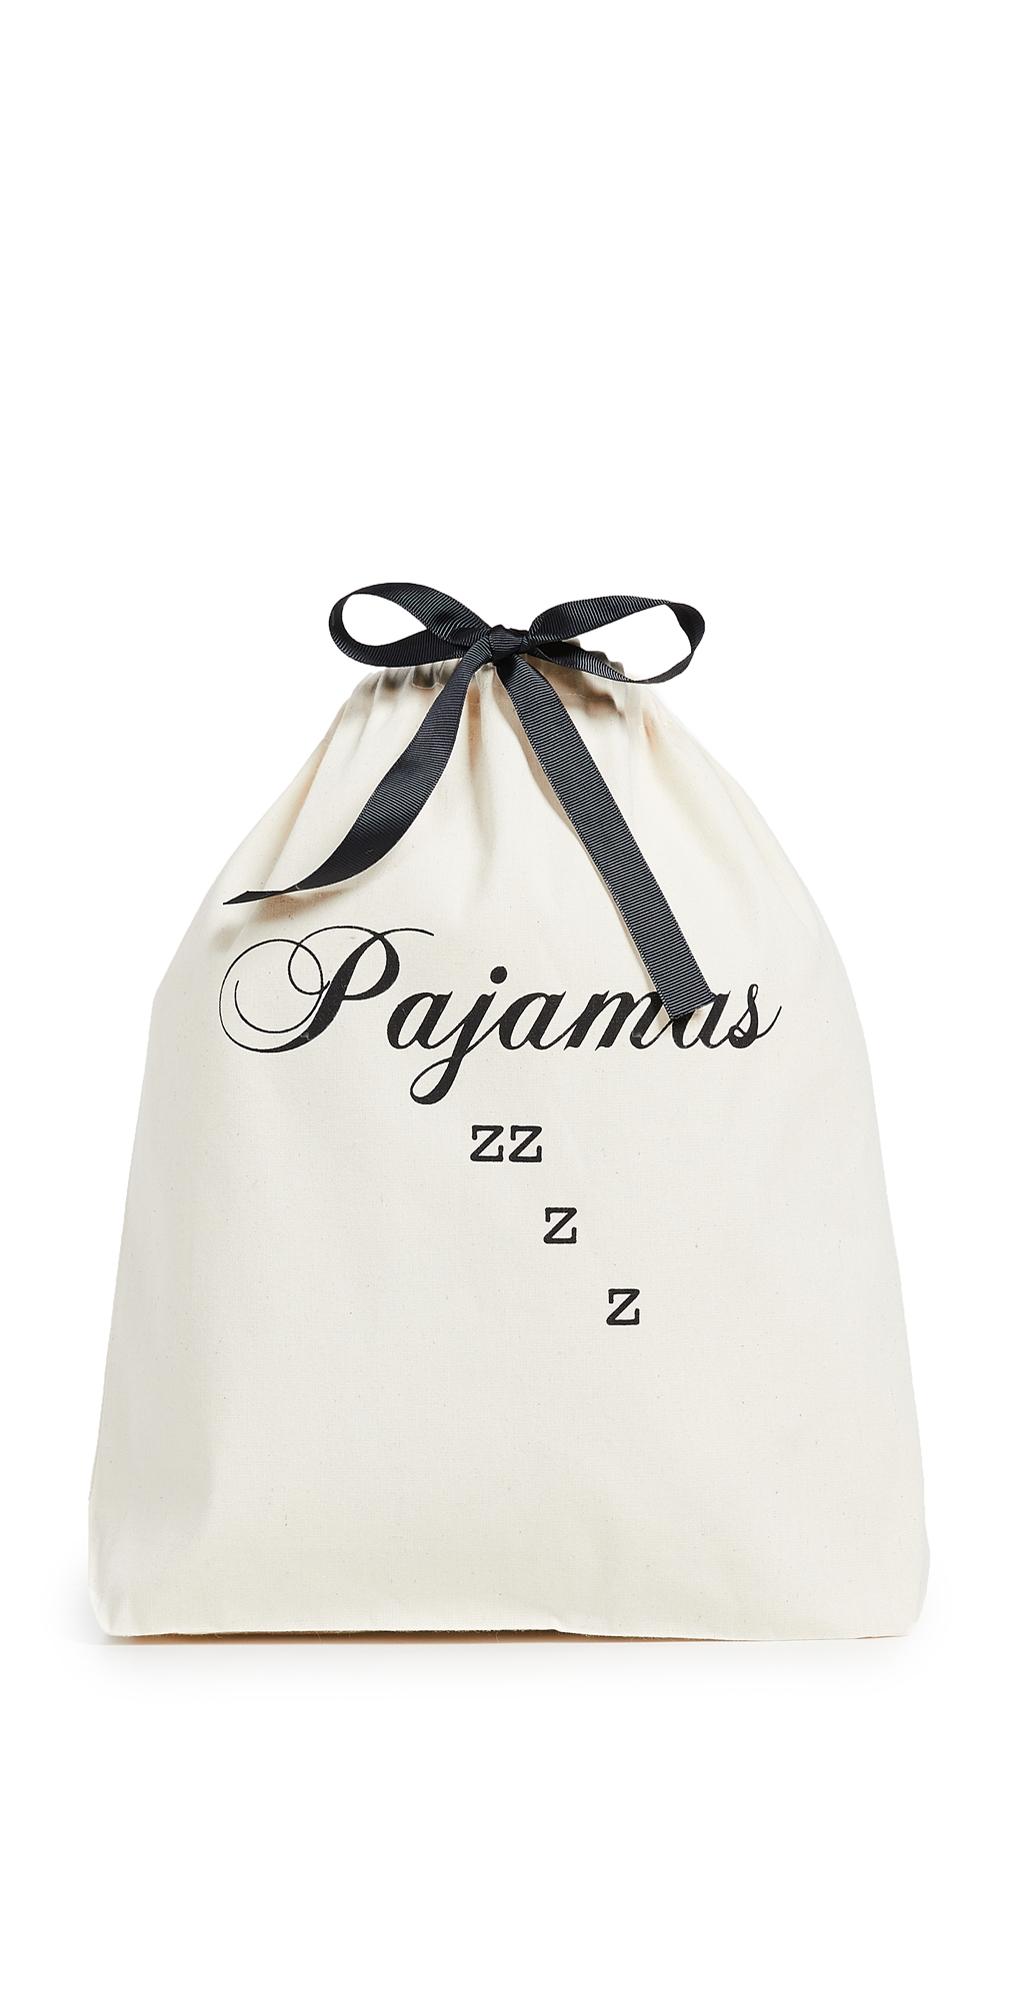 Pajamas ZZZ Organizing Bag